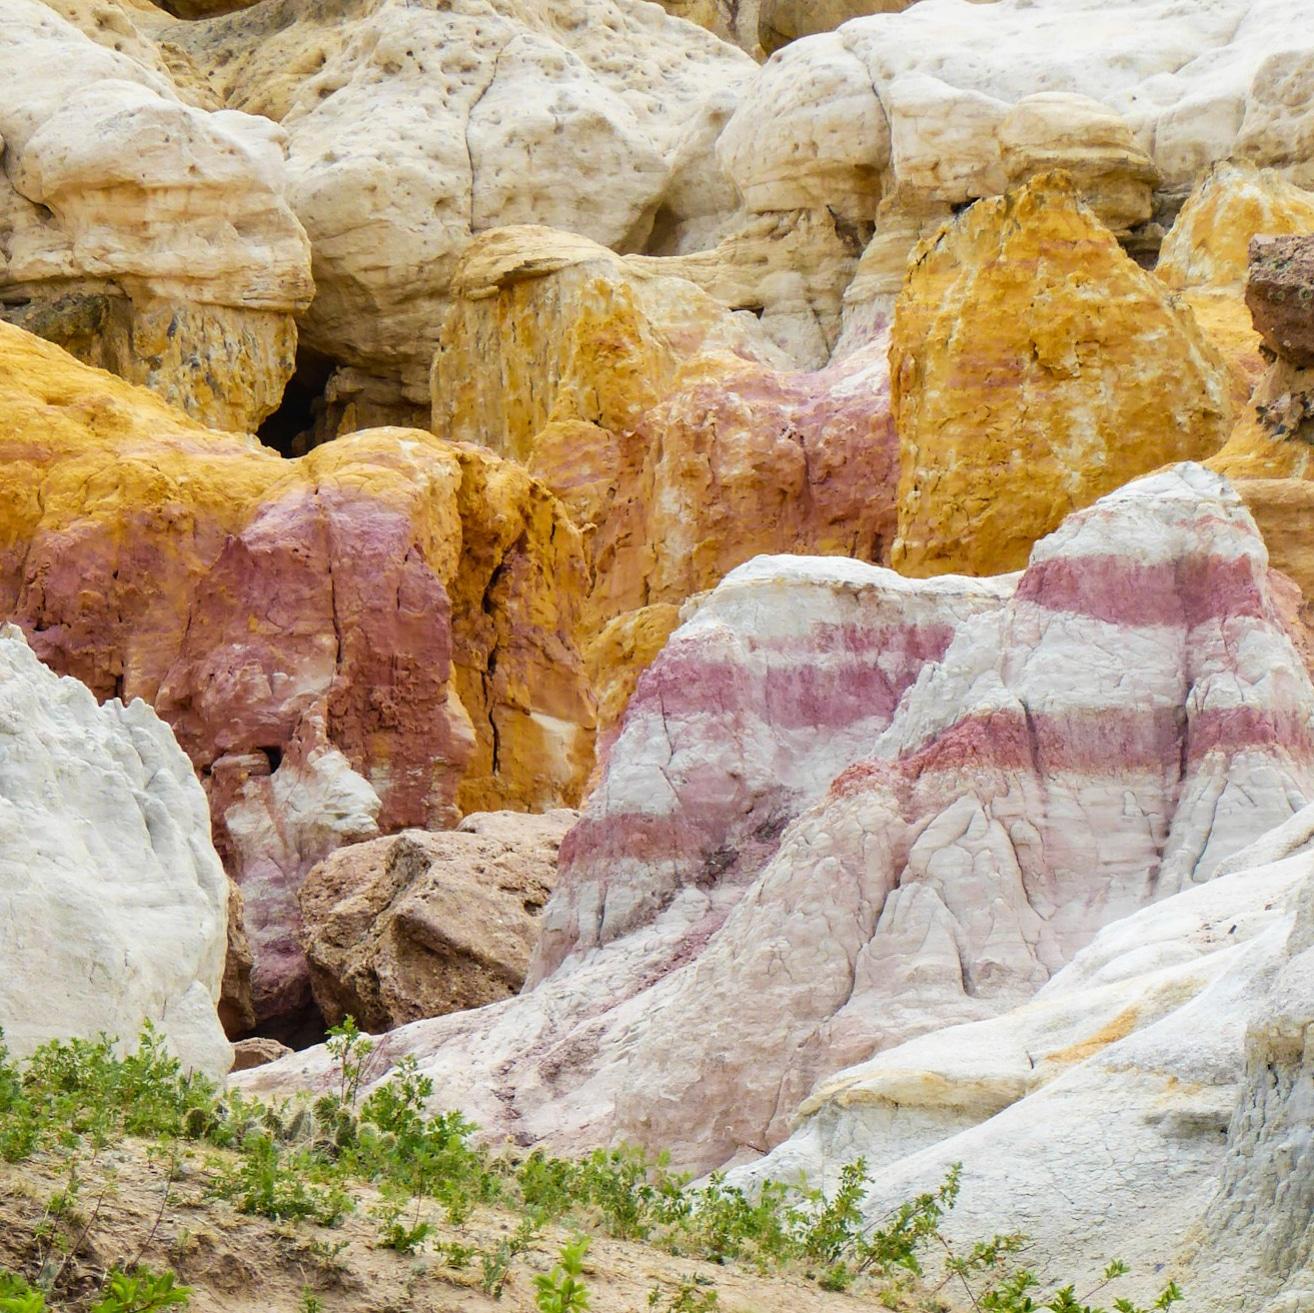 Unbelievable Splashes of Color at Colorado's Paint Mines Interpretive Park